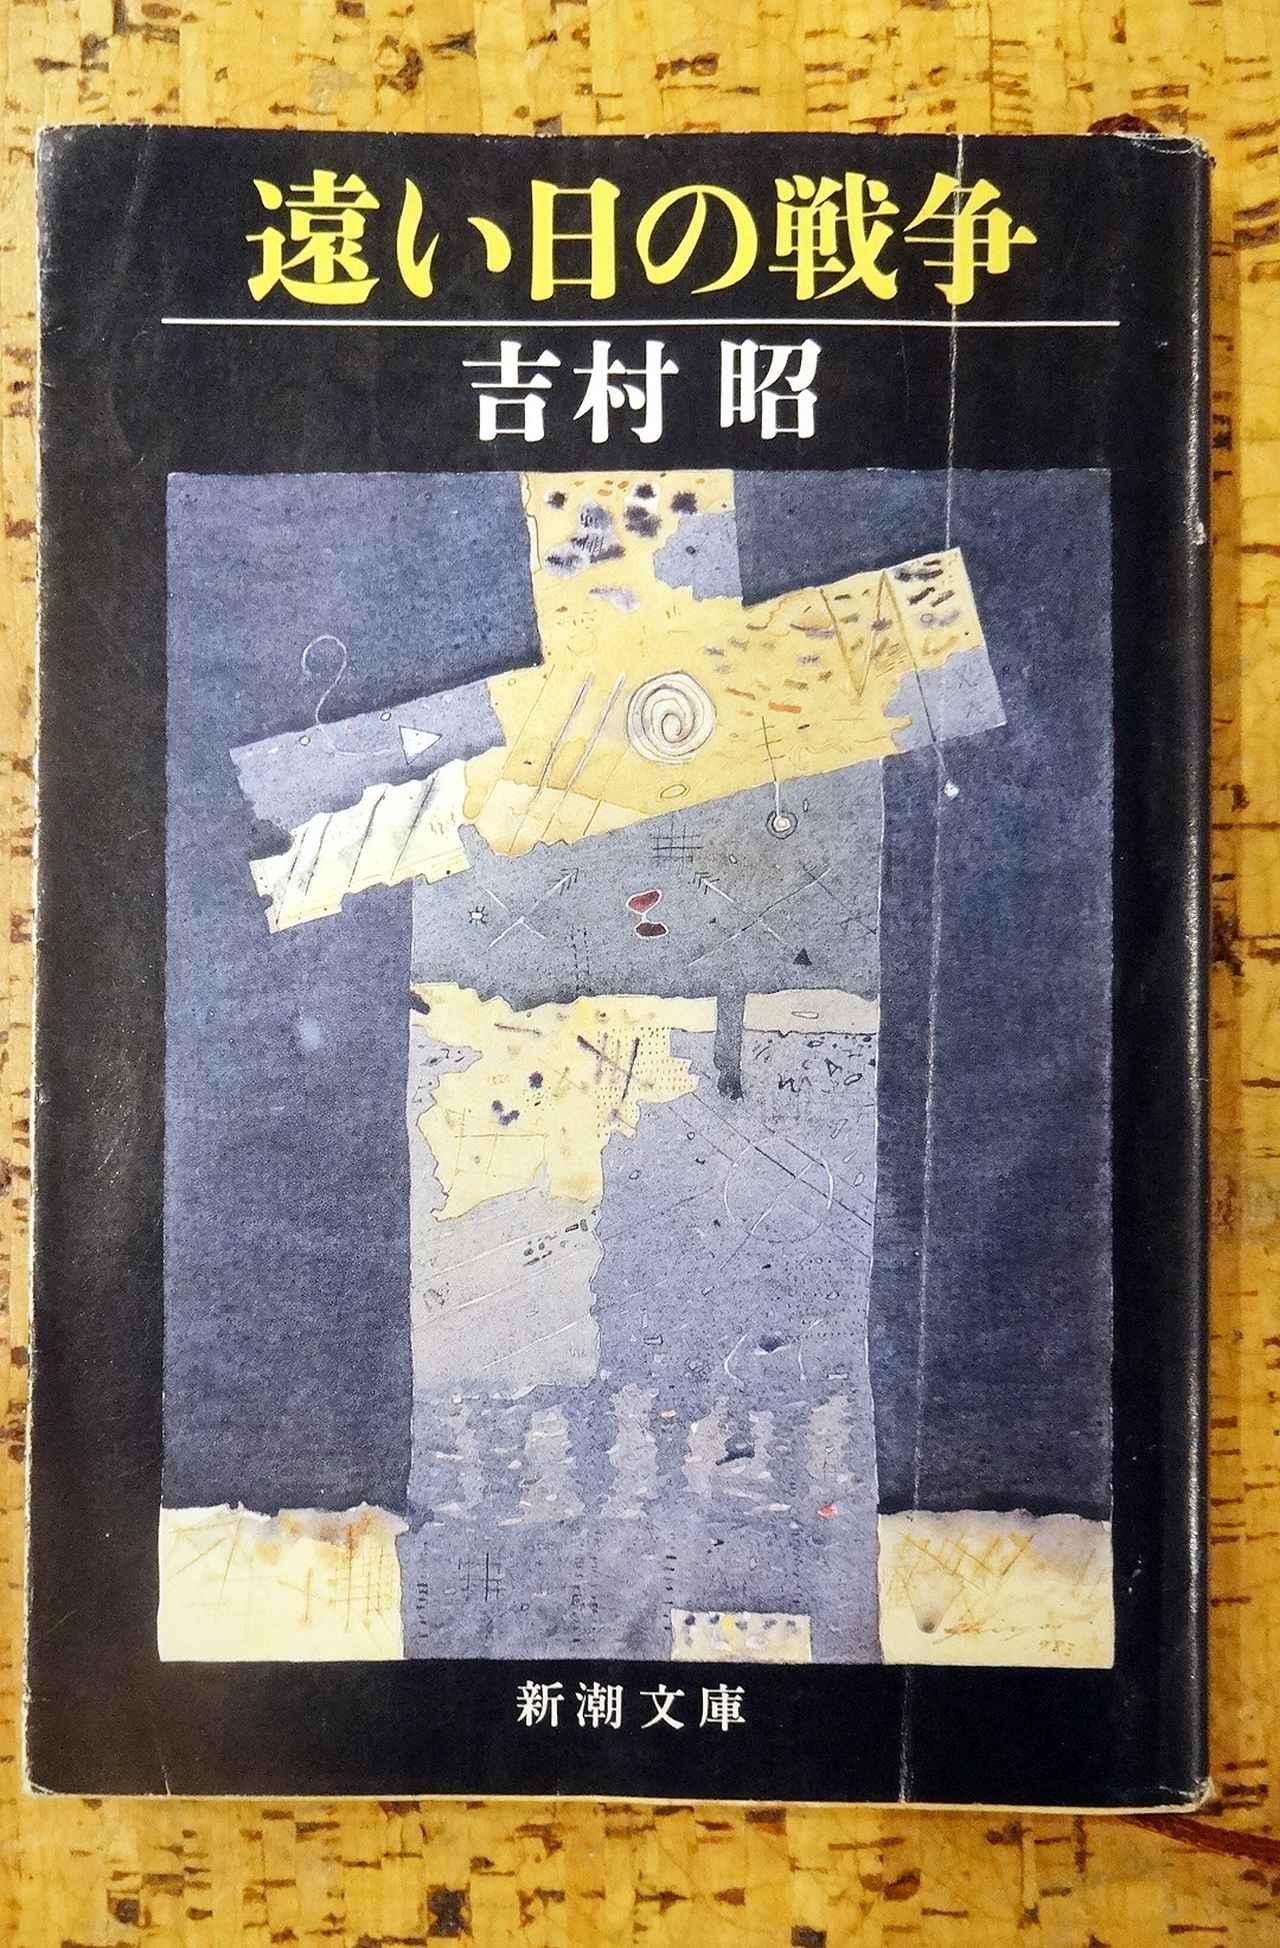 画像3: 永遠の図書室通信 第33話「著者 吉村昭」